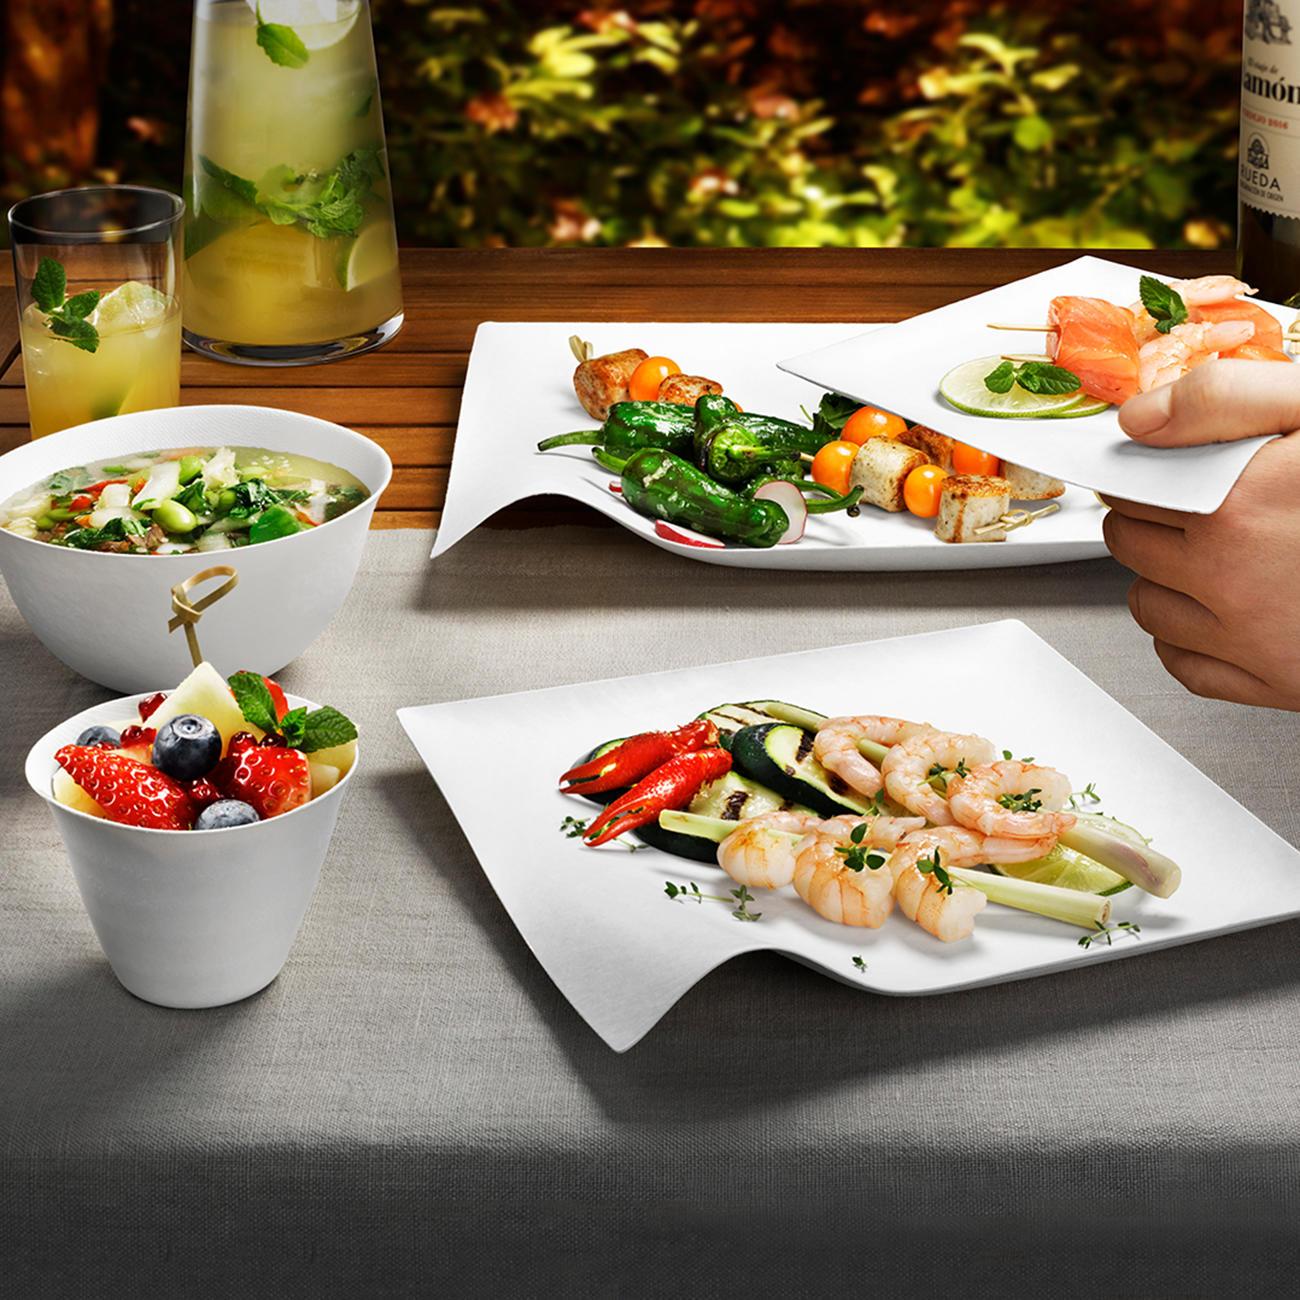 Design oneway geschirr 8er sets mit 3 jahren garantie for Tisch japanisches design